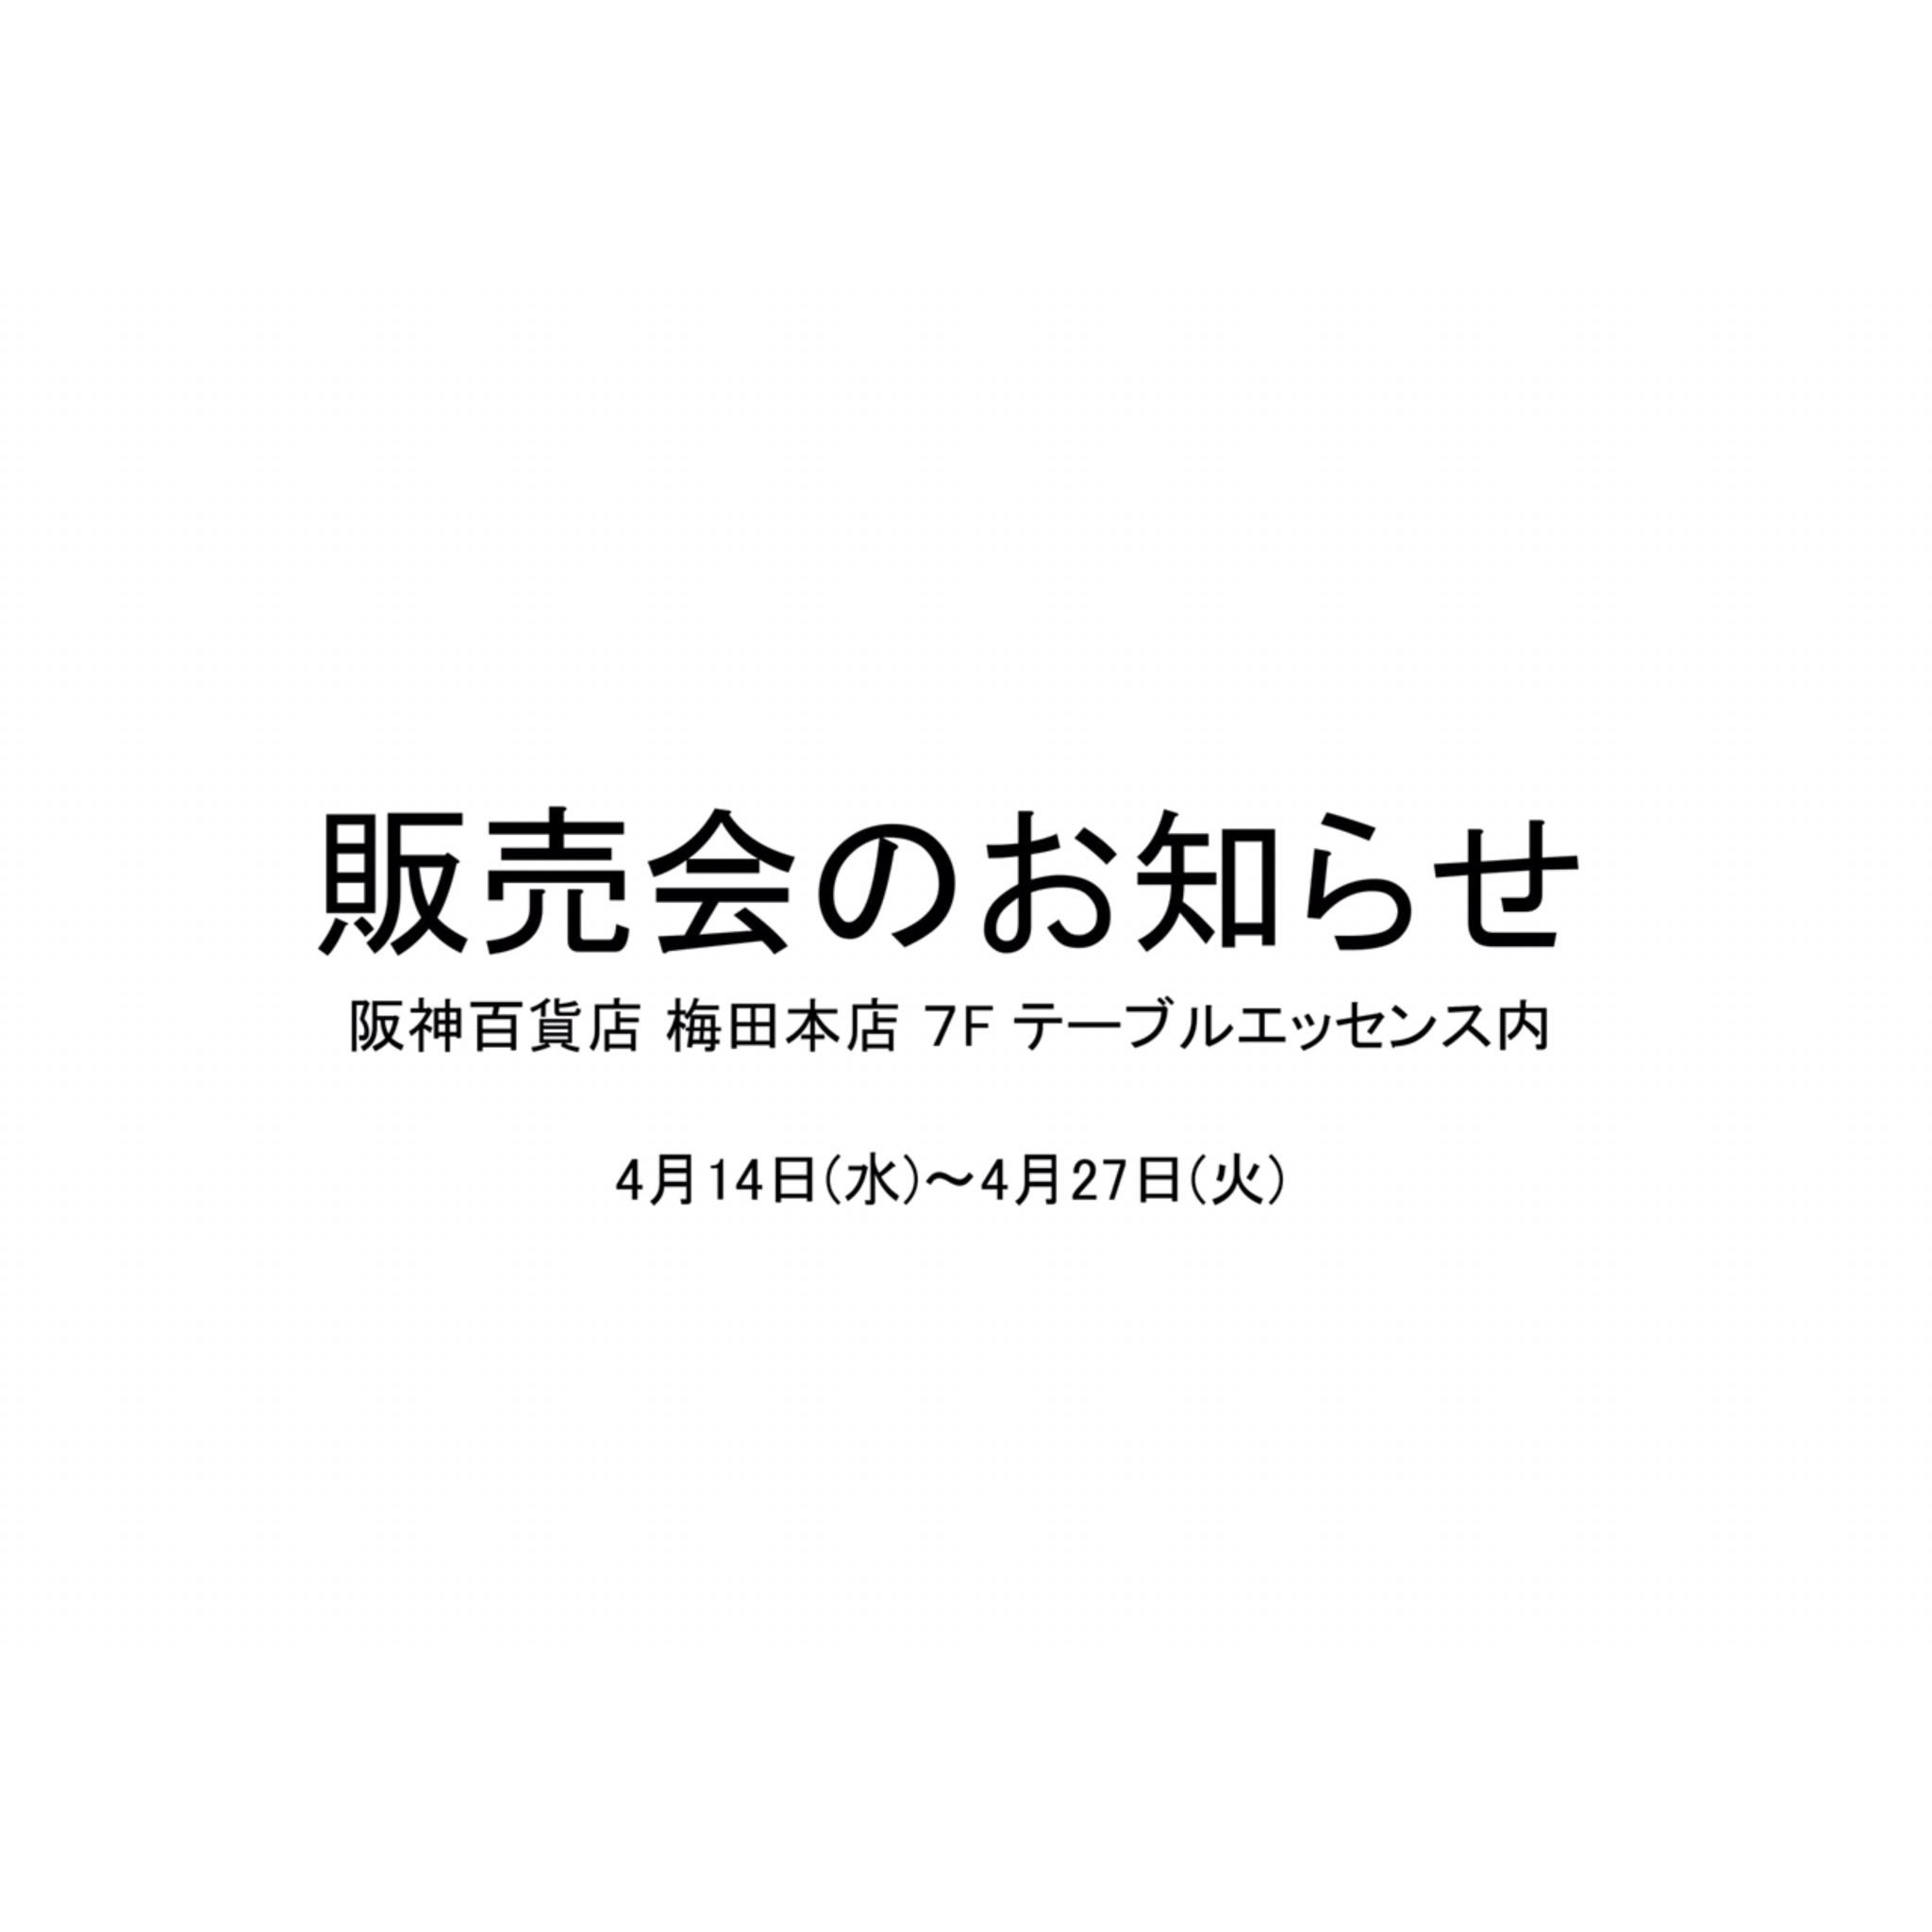 阪神百貨店 梅田本店 テーブルエッセンス